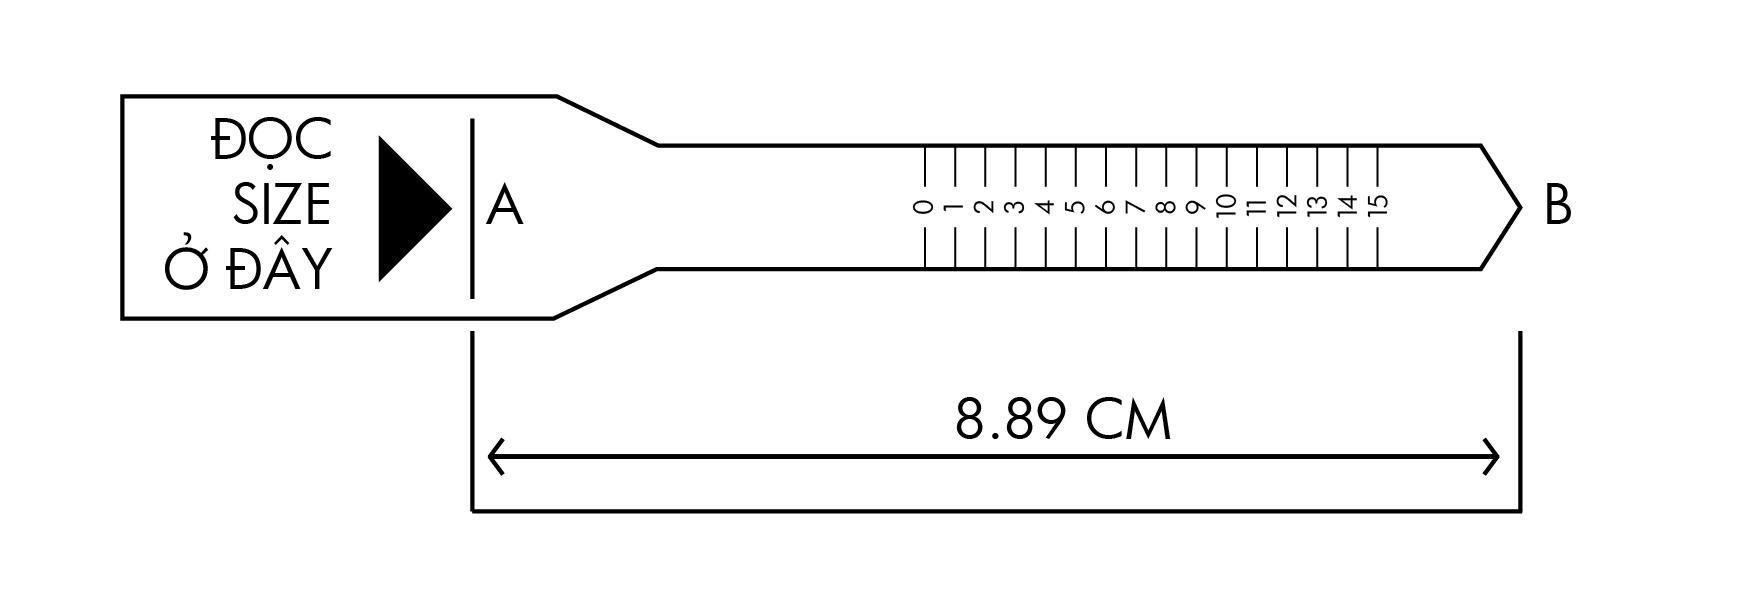 Hướng dẫn đo size nhẫn cưới đúng cách và đơn giản cho cặp đôi %C4%90o-size-nh%E1%BA%ABn-v%E1%BB%9Bi-gi%E1%BA%A5y-%C4%91o